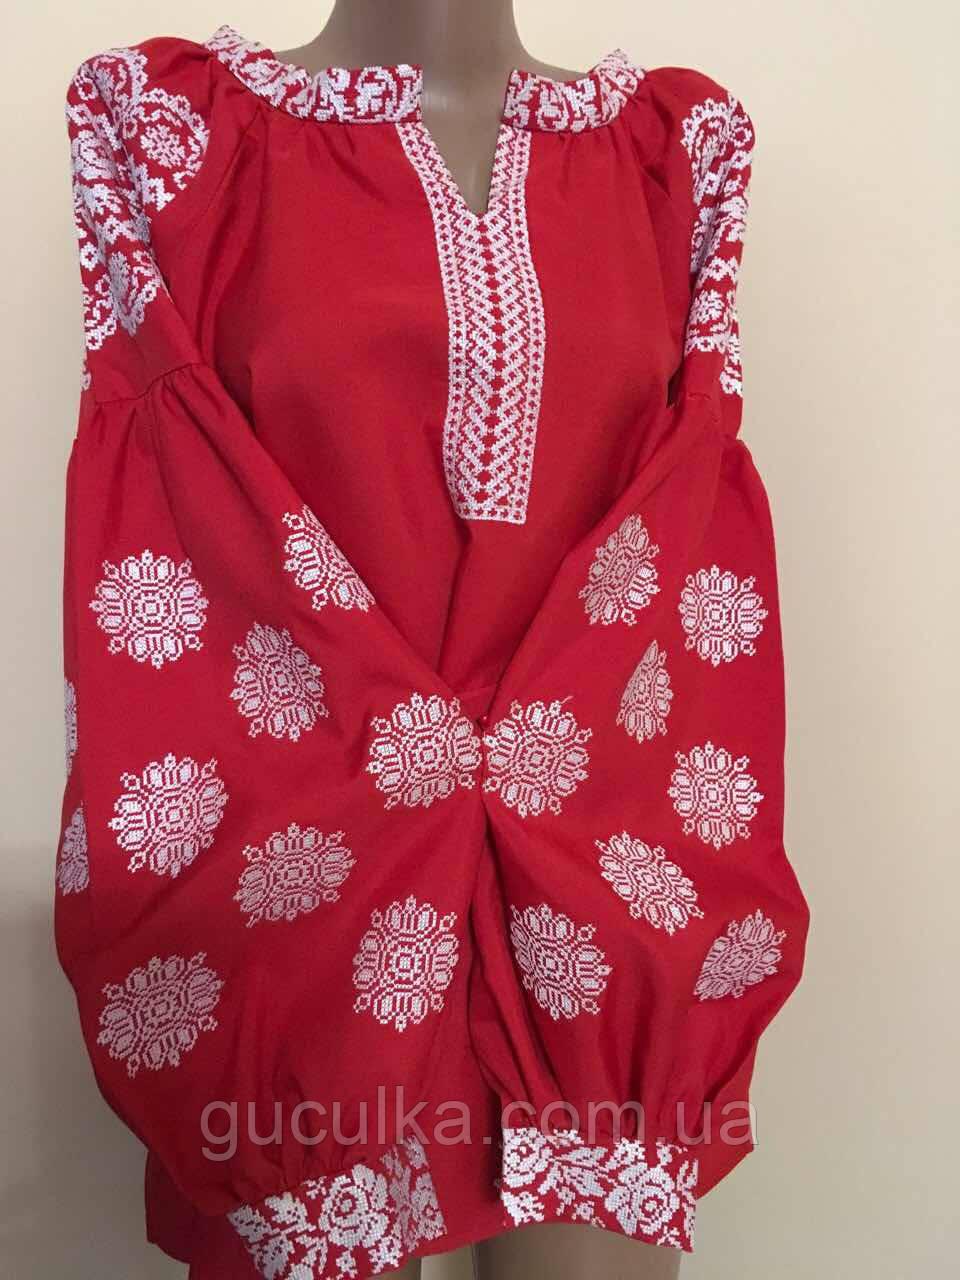 Вишиванка червона на габардині в стилі Бохо - Інтернет-магазин